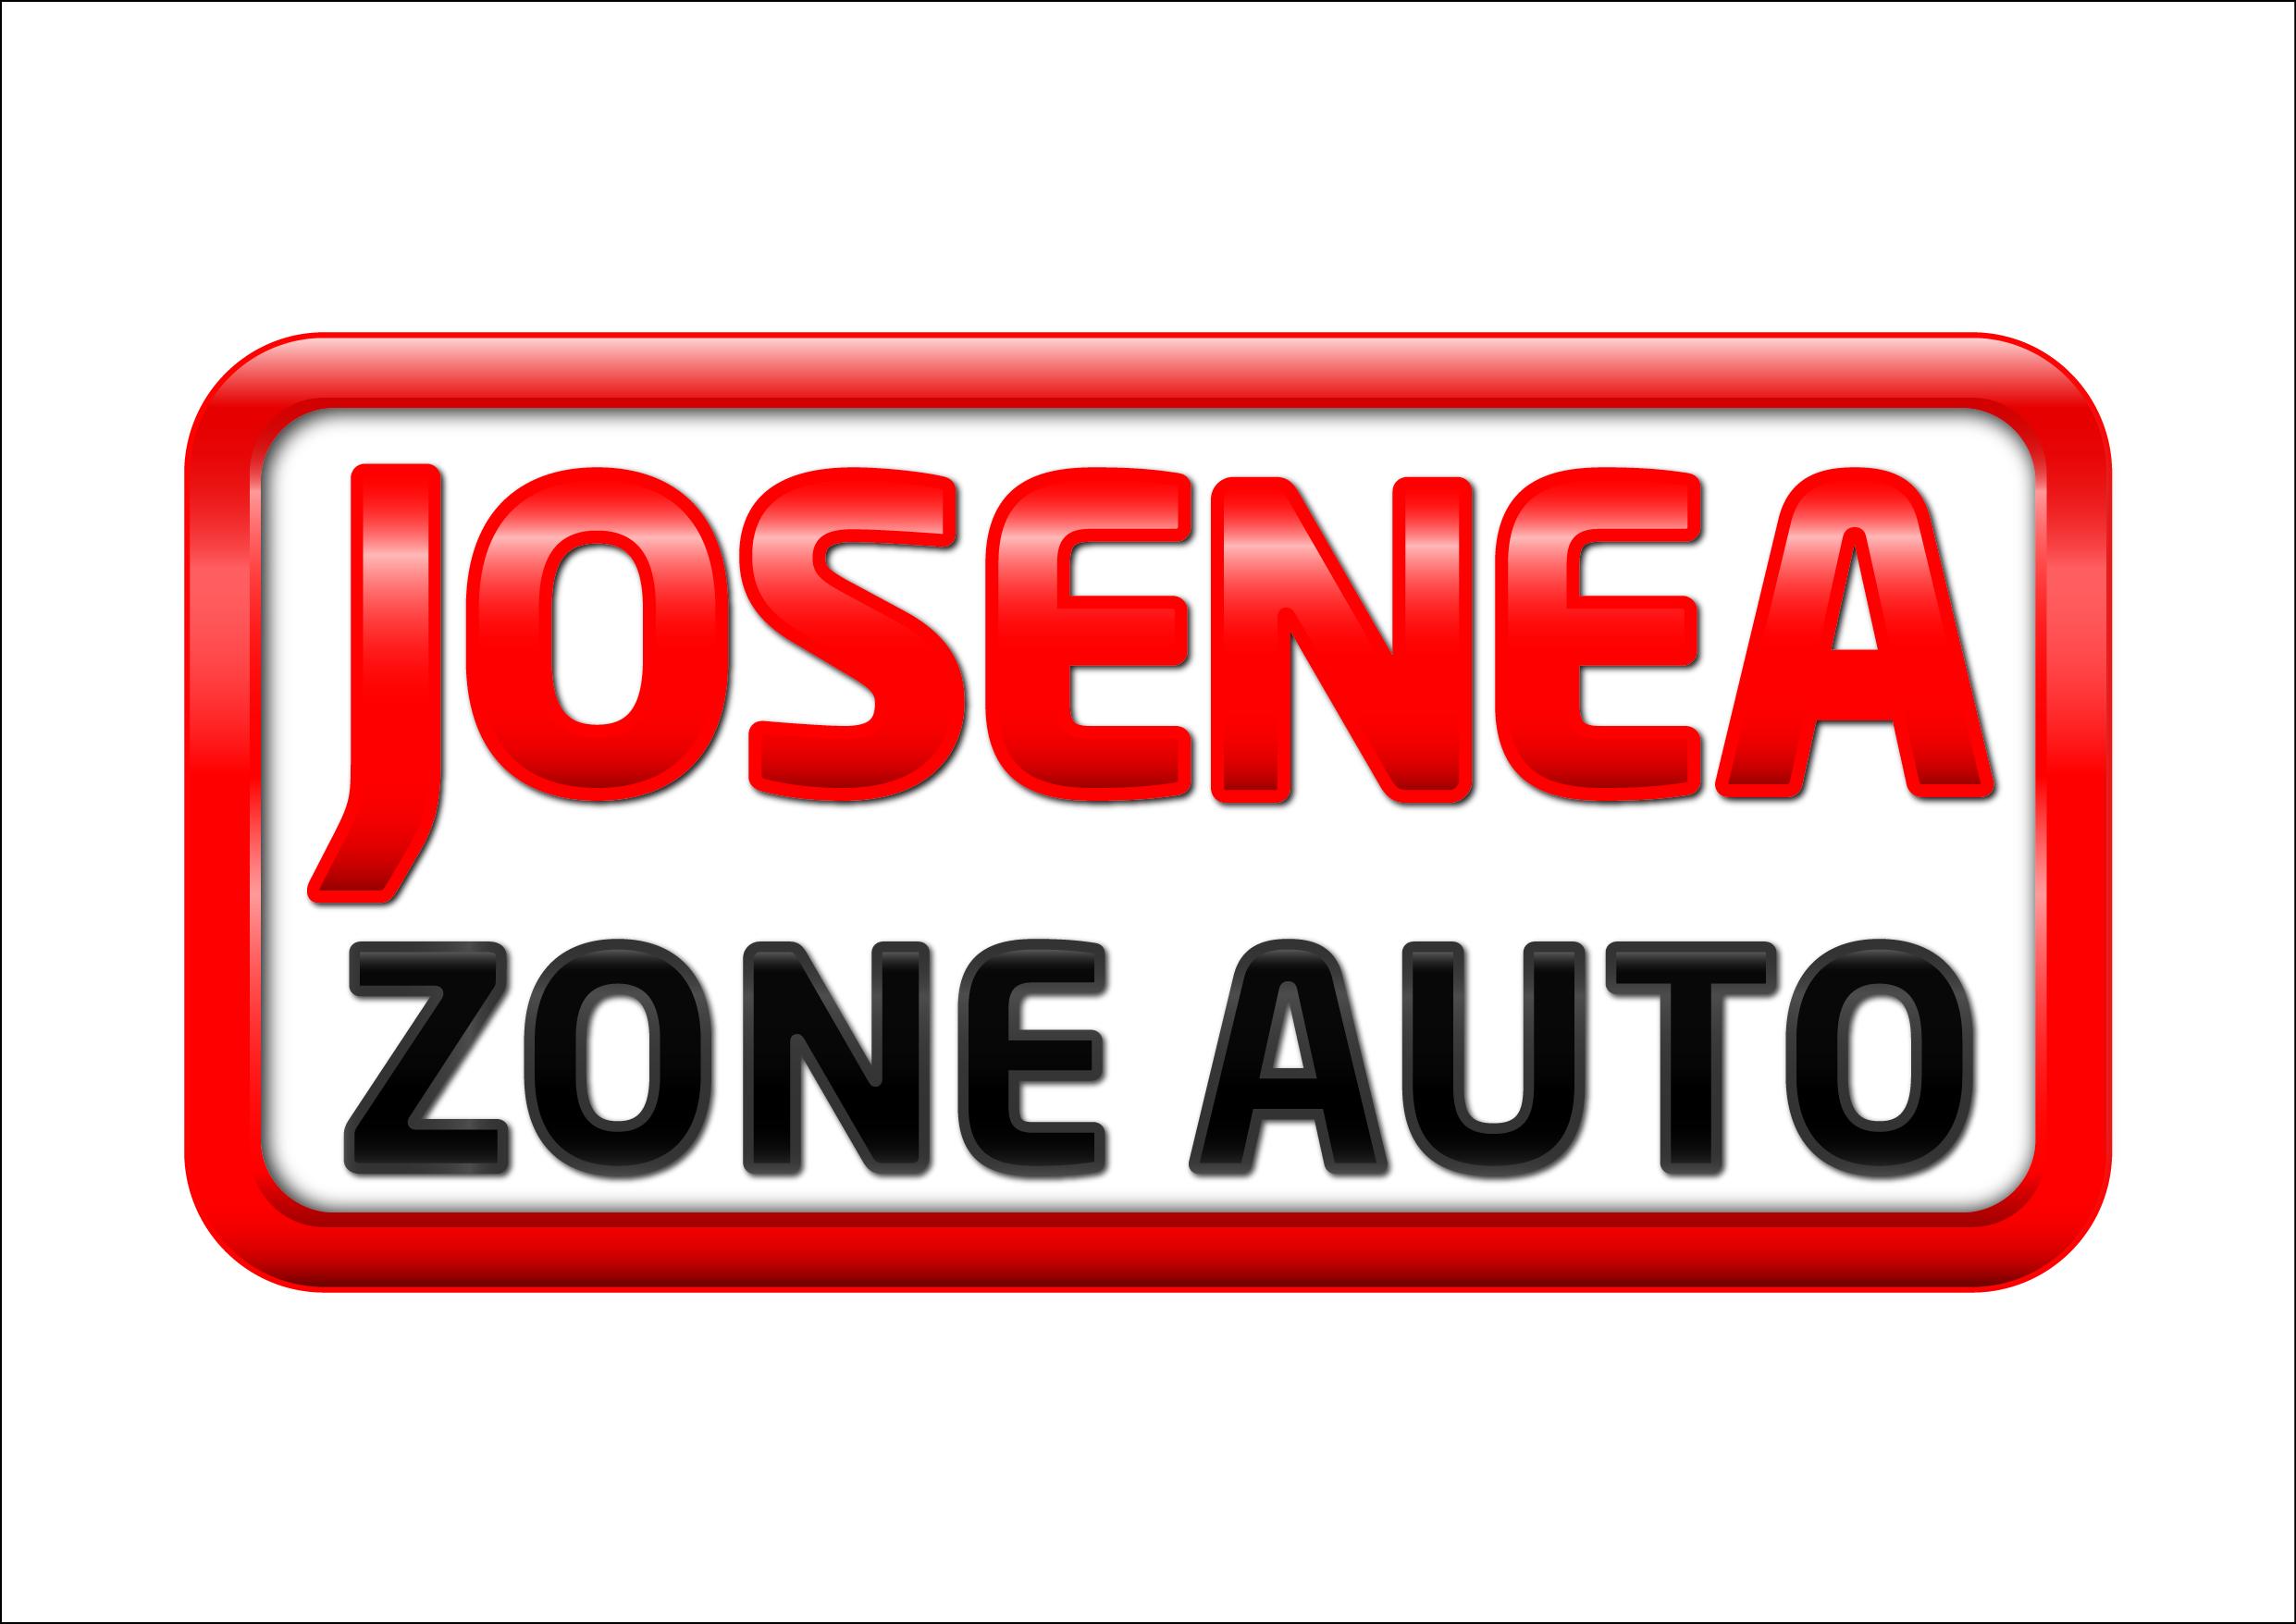 Estacion de Servicio Zona Auto Zubiri Josenea SL